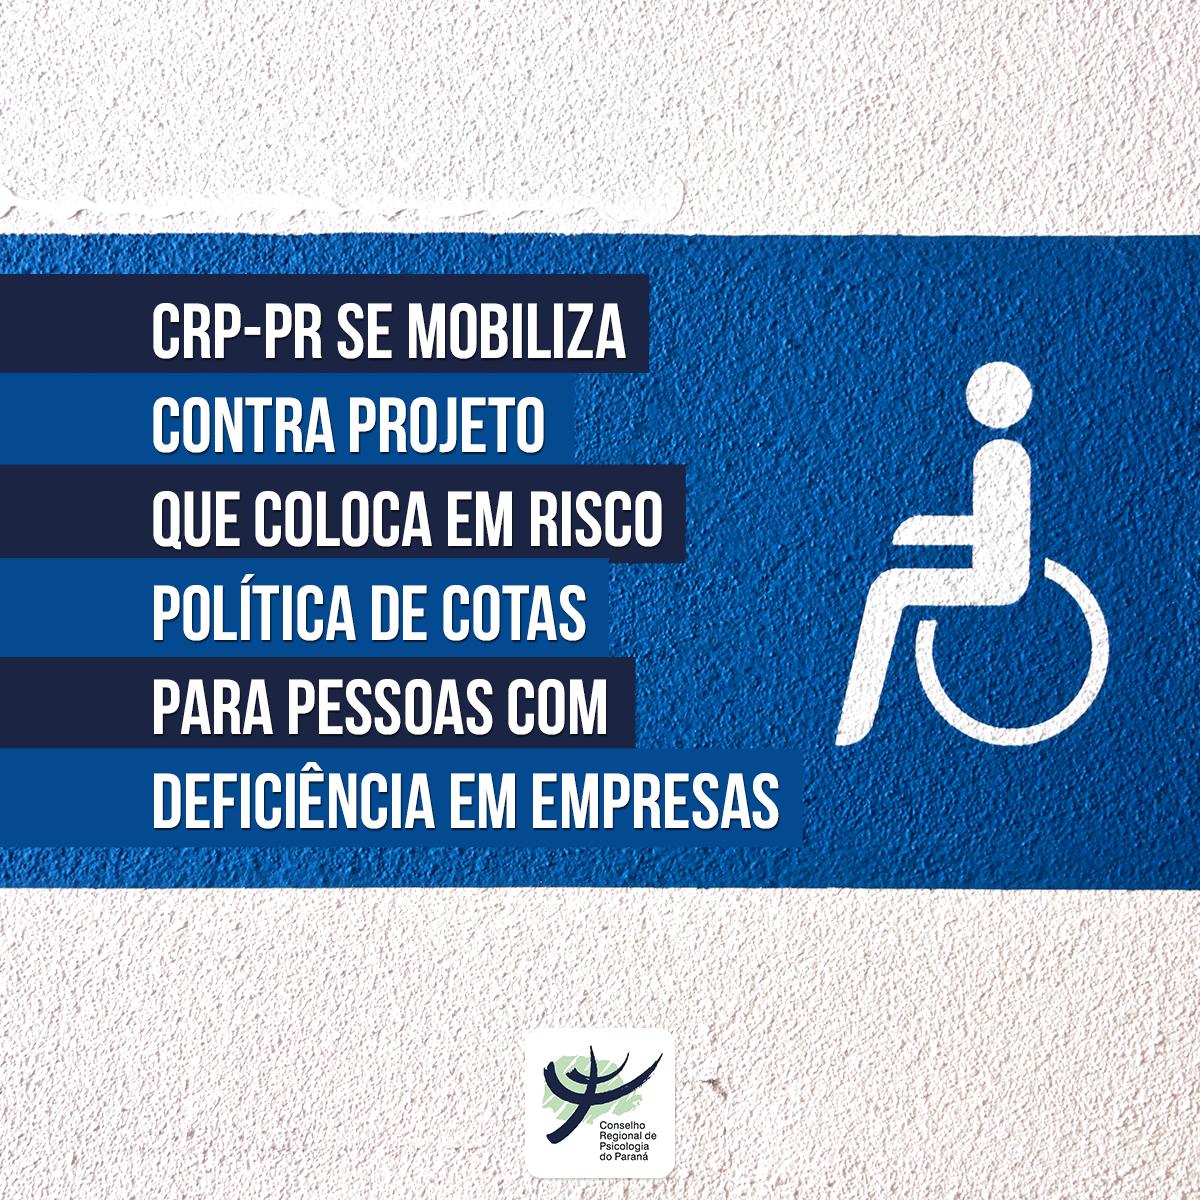 CRP-PR se mobiliza contra projeto que coloca em risco política de cotas para Pessoas com Deficiência em empresas